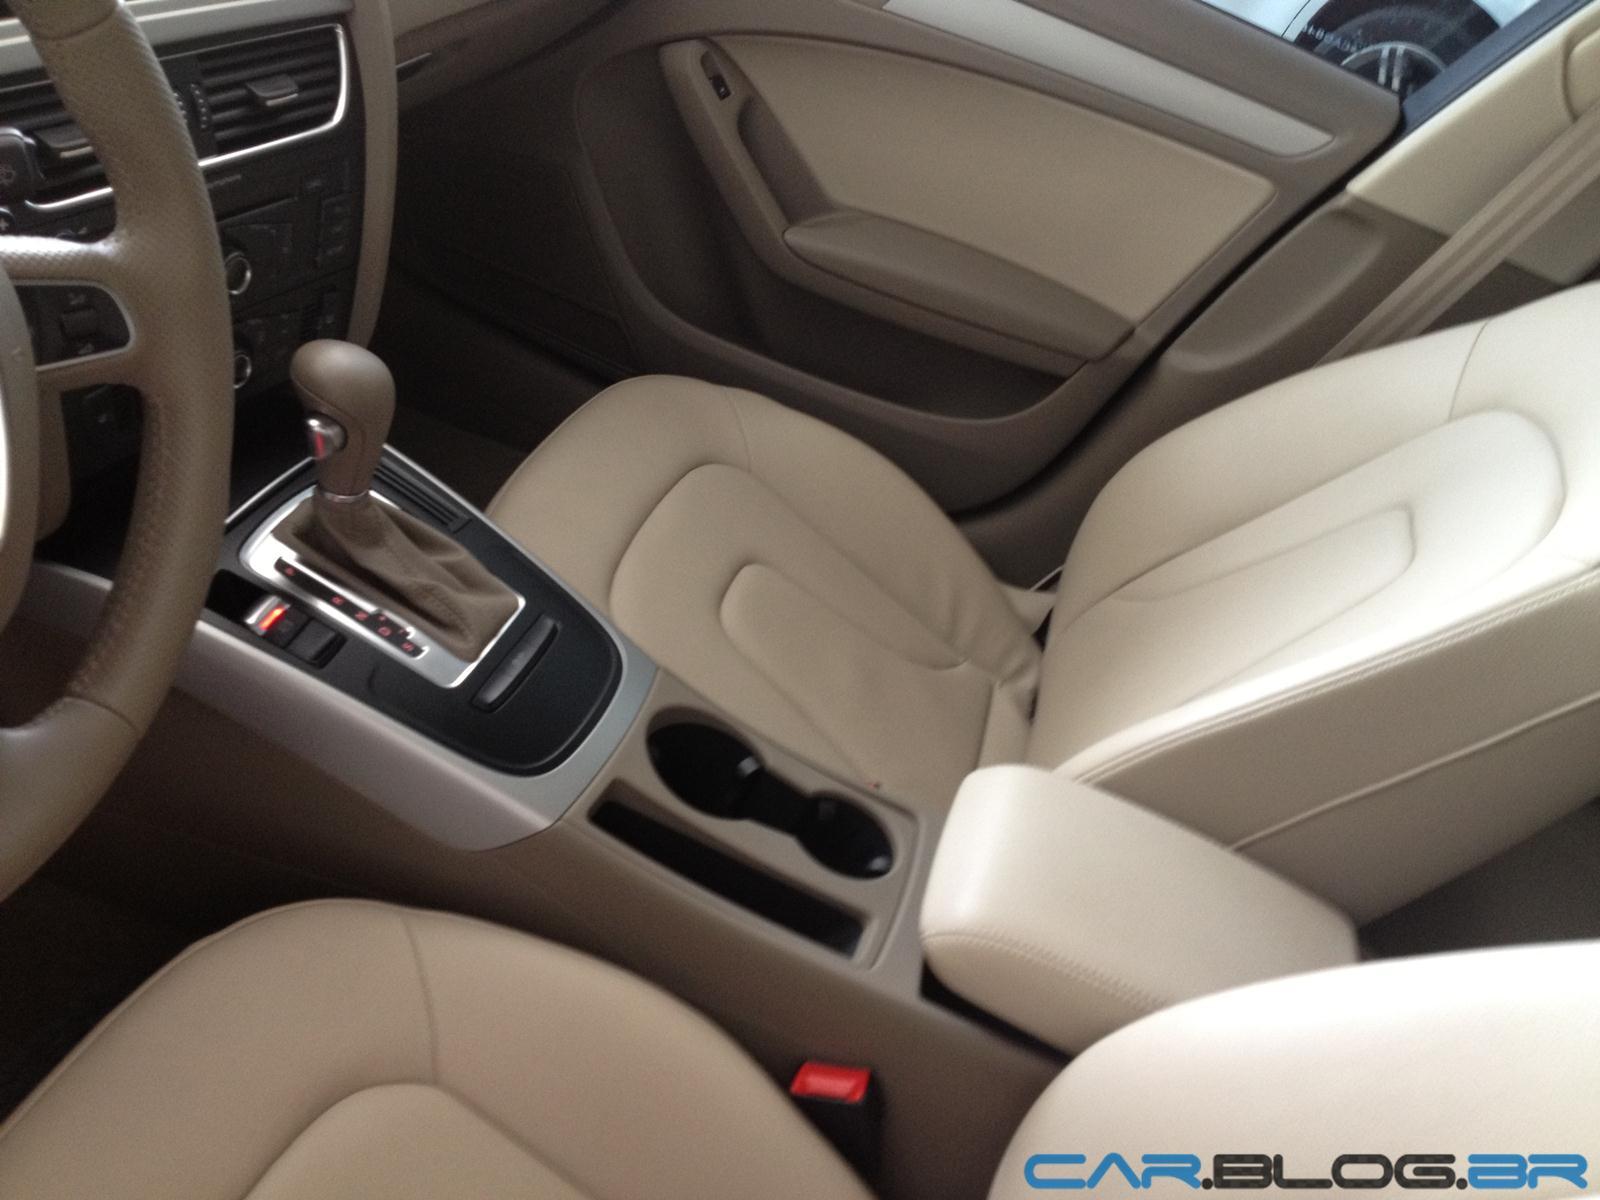 Audi A4 2012 Usado Tem Pre 231 O De R 110 000 Reais Car Blog Br